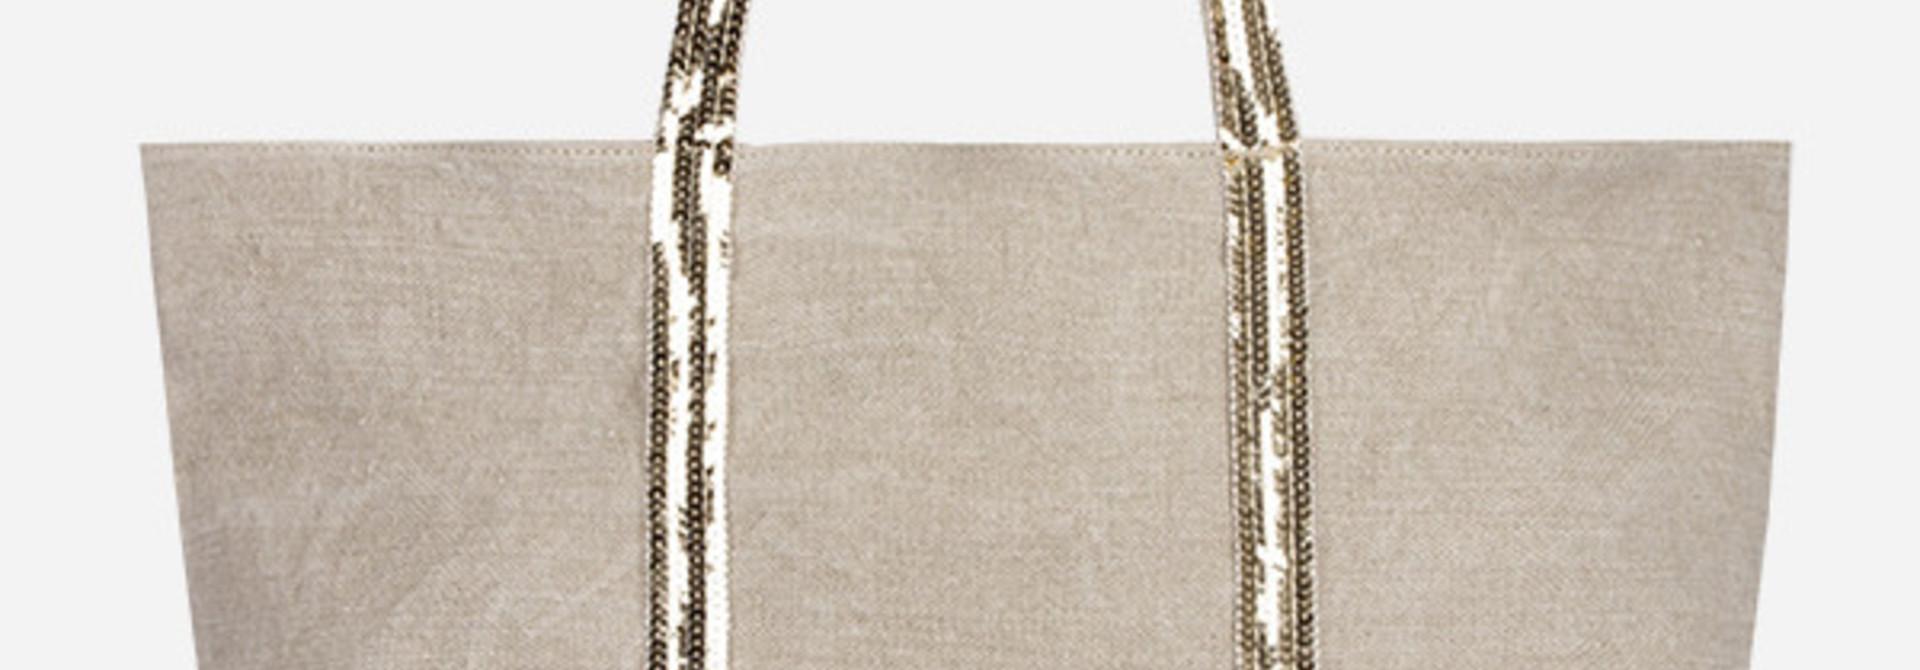 Vanessa Bruno Cabas Moyen Zip Medium OPVE31-V40409